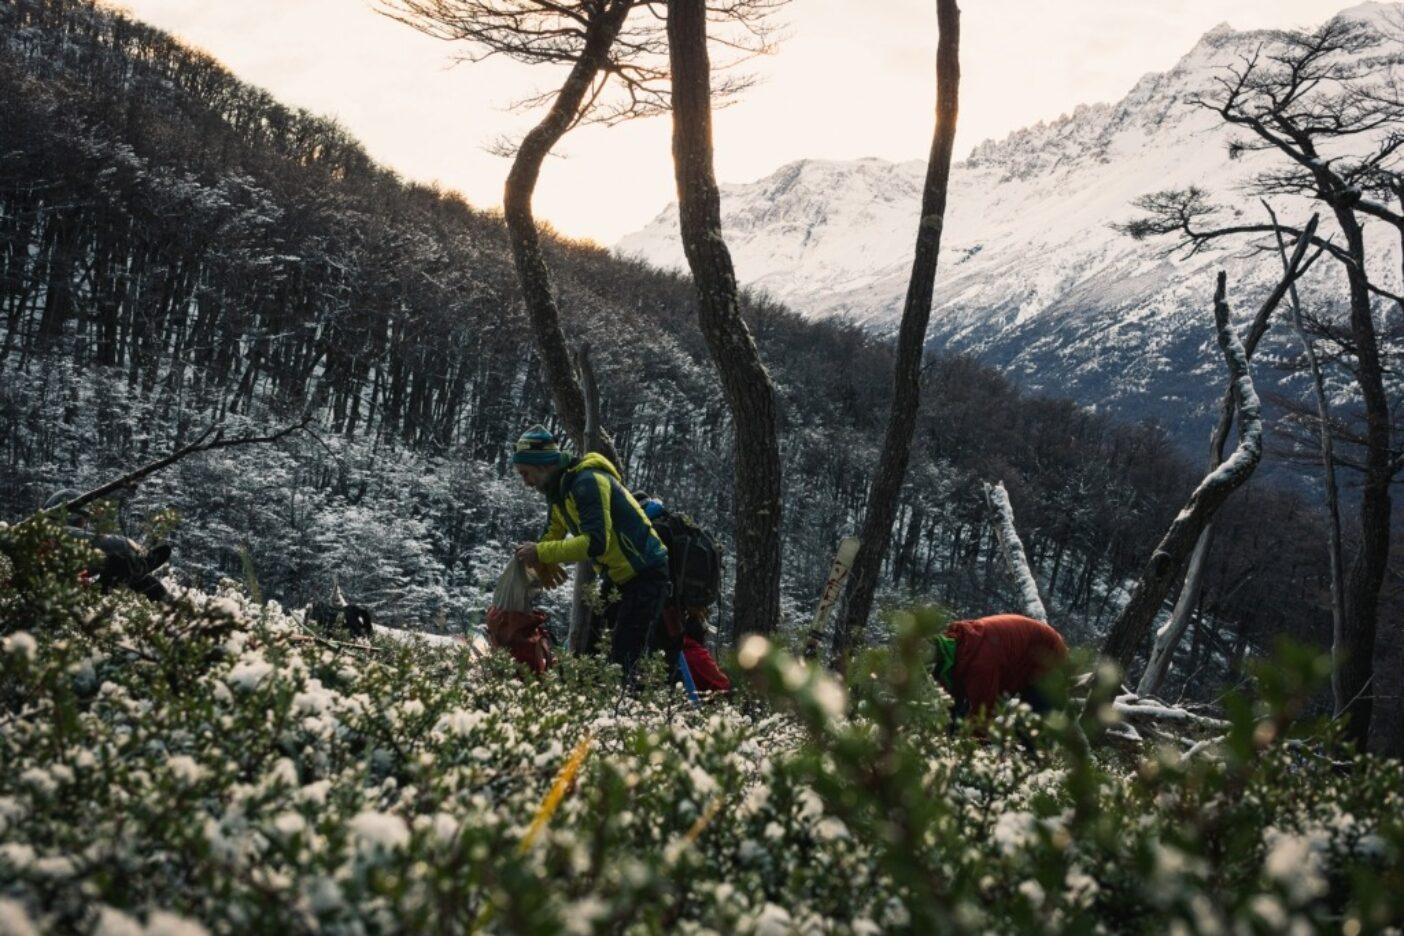 チャルテンでは、冬の最適期を除き、雪線にたどり着くまでにまず森林限界まで登らなければならない。地元民のフェデリコは、まだらに雪の付いたヒースの藪を進む。アルゼンチン、サンタクルス州 写真:マシュー・タフツ